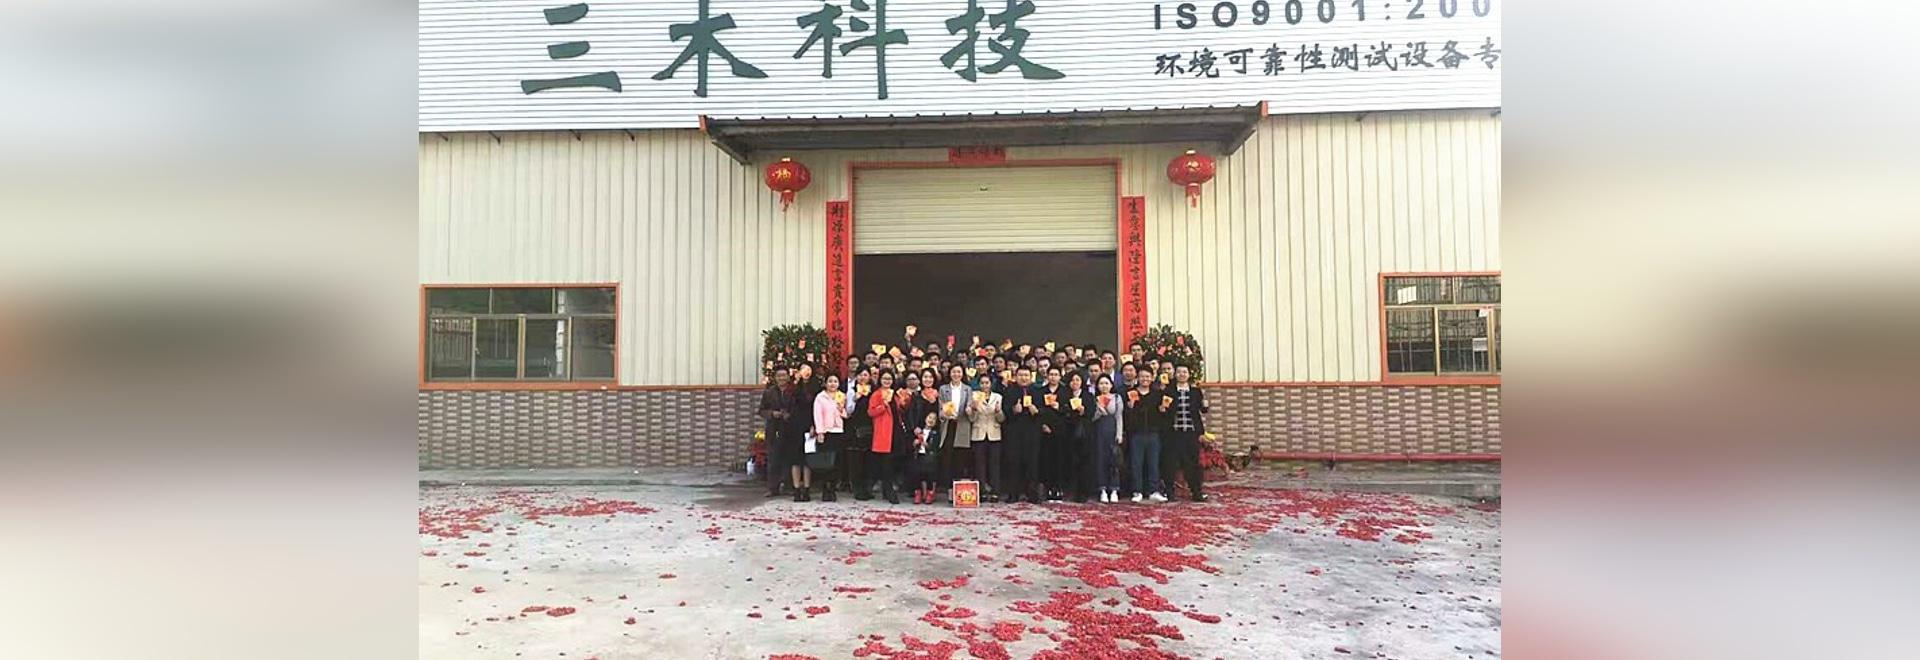 Sanwood ha vuelto trabajar a partir de días de fiesta chinos del Año Nuevo